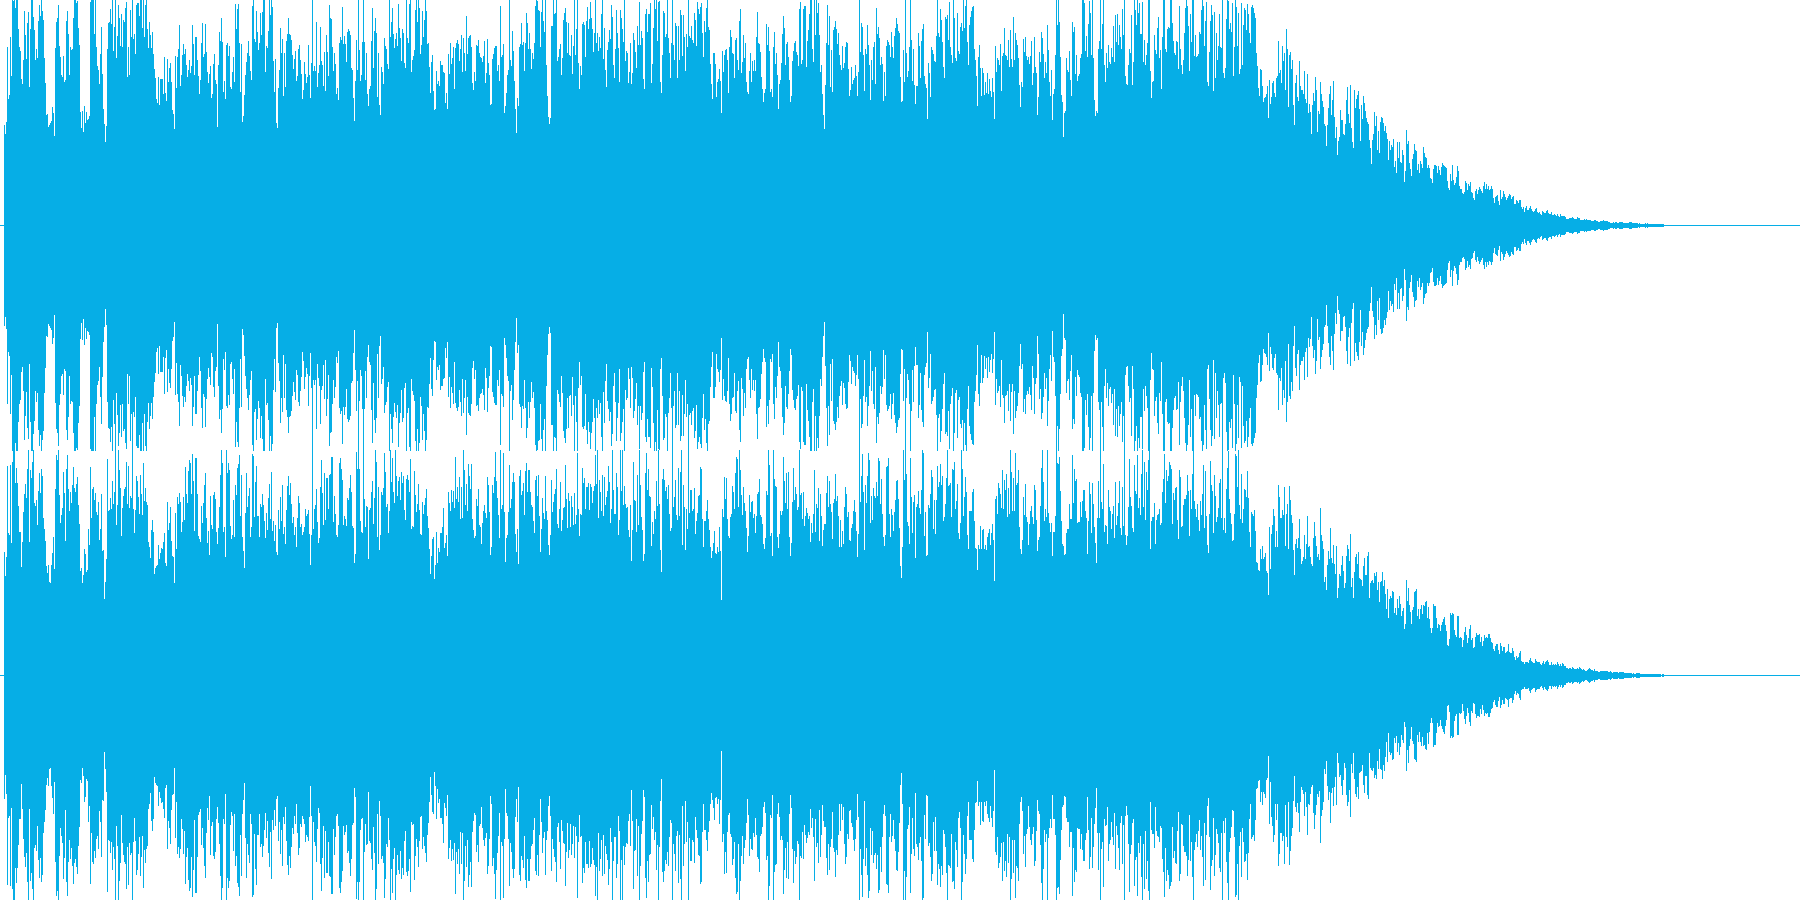 戦闘に勝った後の勇ましい音楽の再生済みの波形